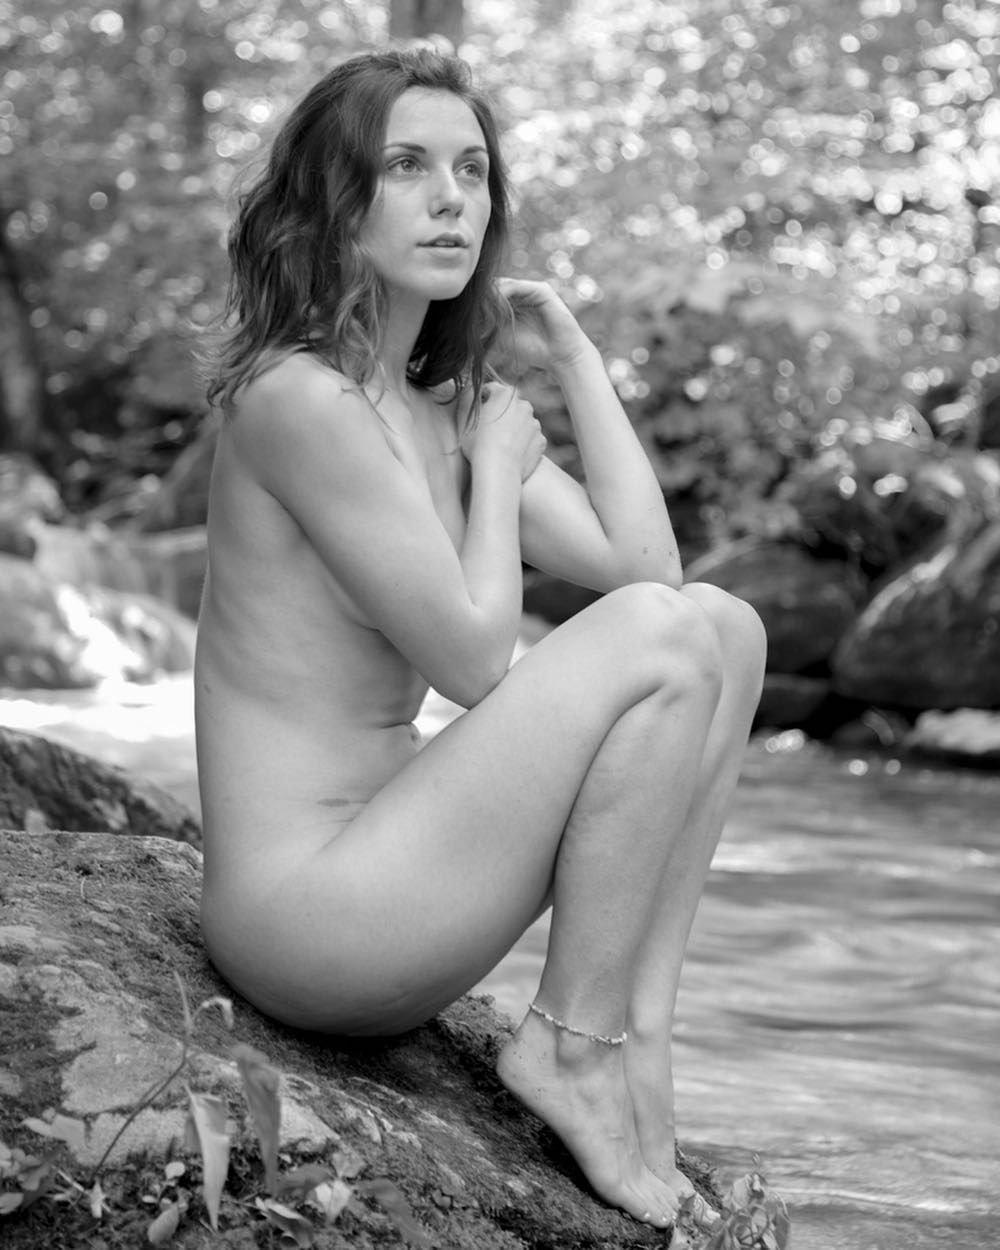 Elena nude gallery